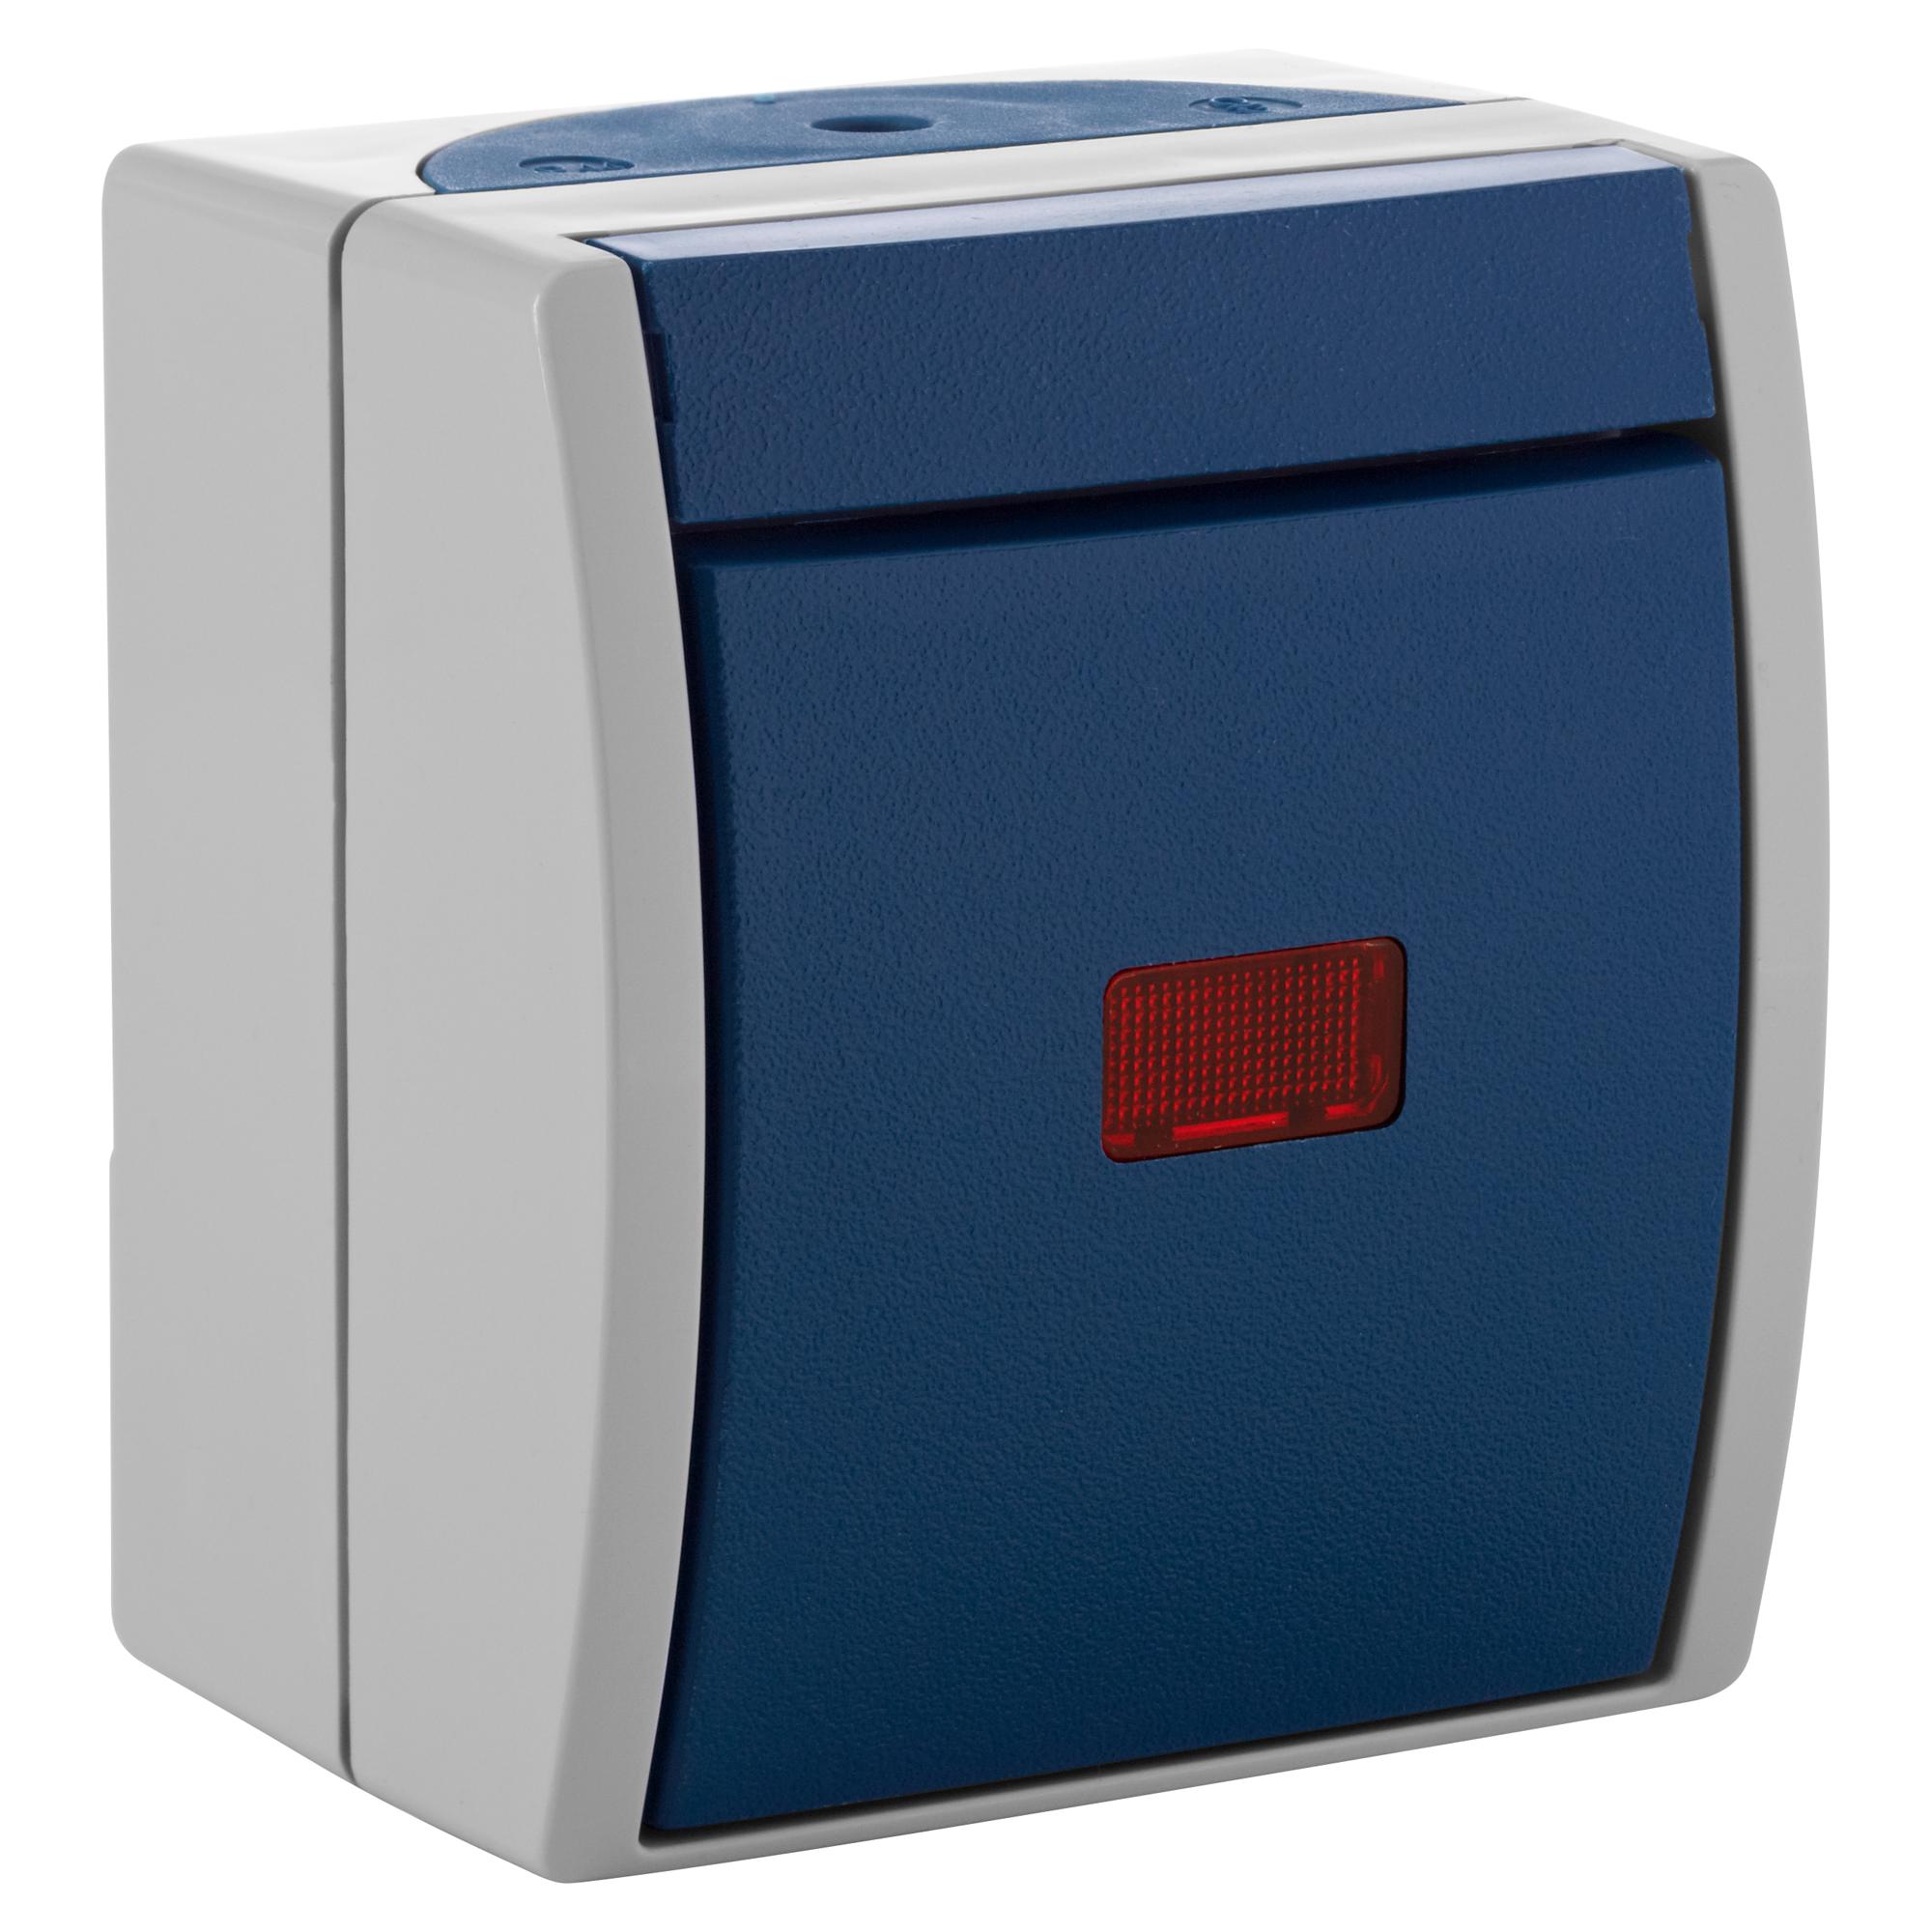 busch j ger kontrollschalter mit glimmlampe toom baumarkt. Black Bedroom Furniture Sets. Home Design Ideas